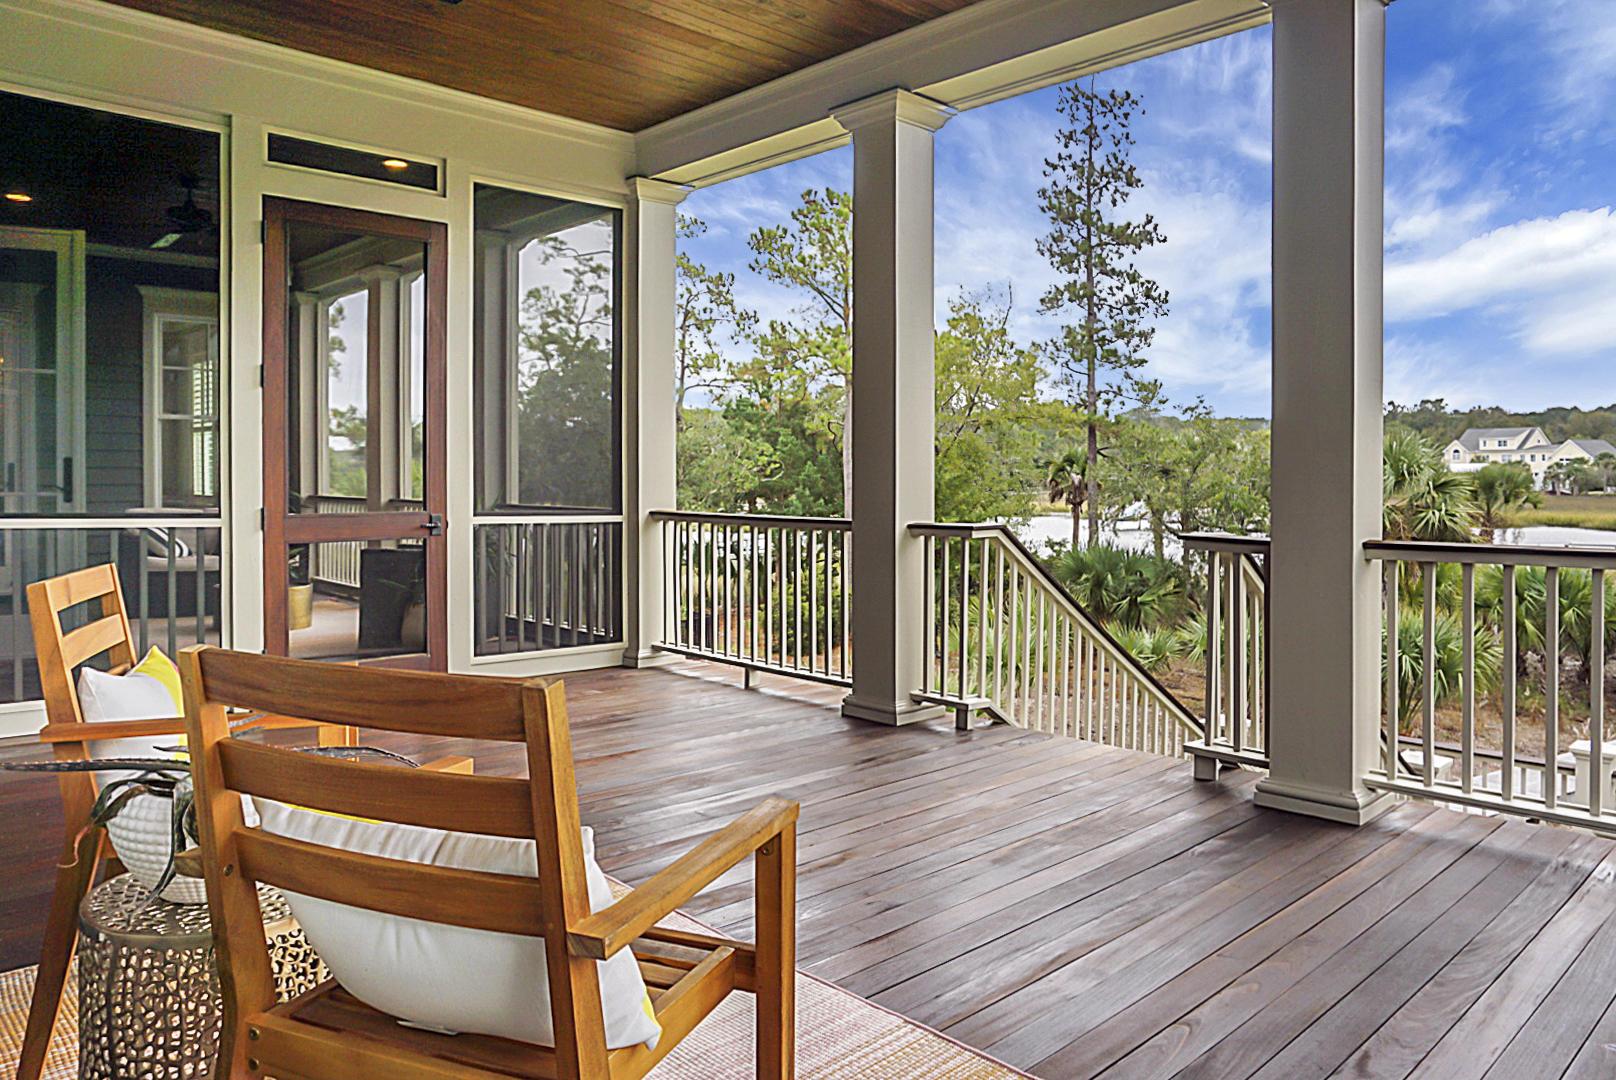 Dunes West Homes For Sale - 2978 River Vista, Mount Pleasant, SC - 93